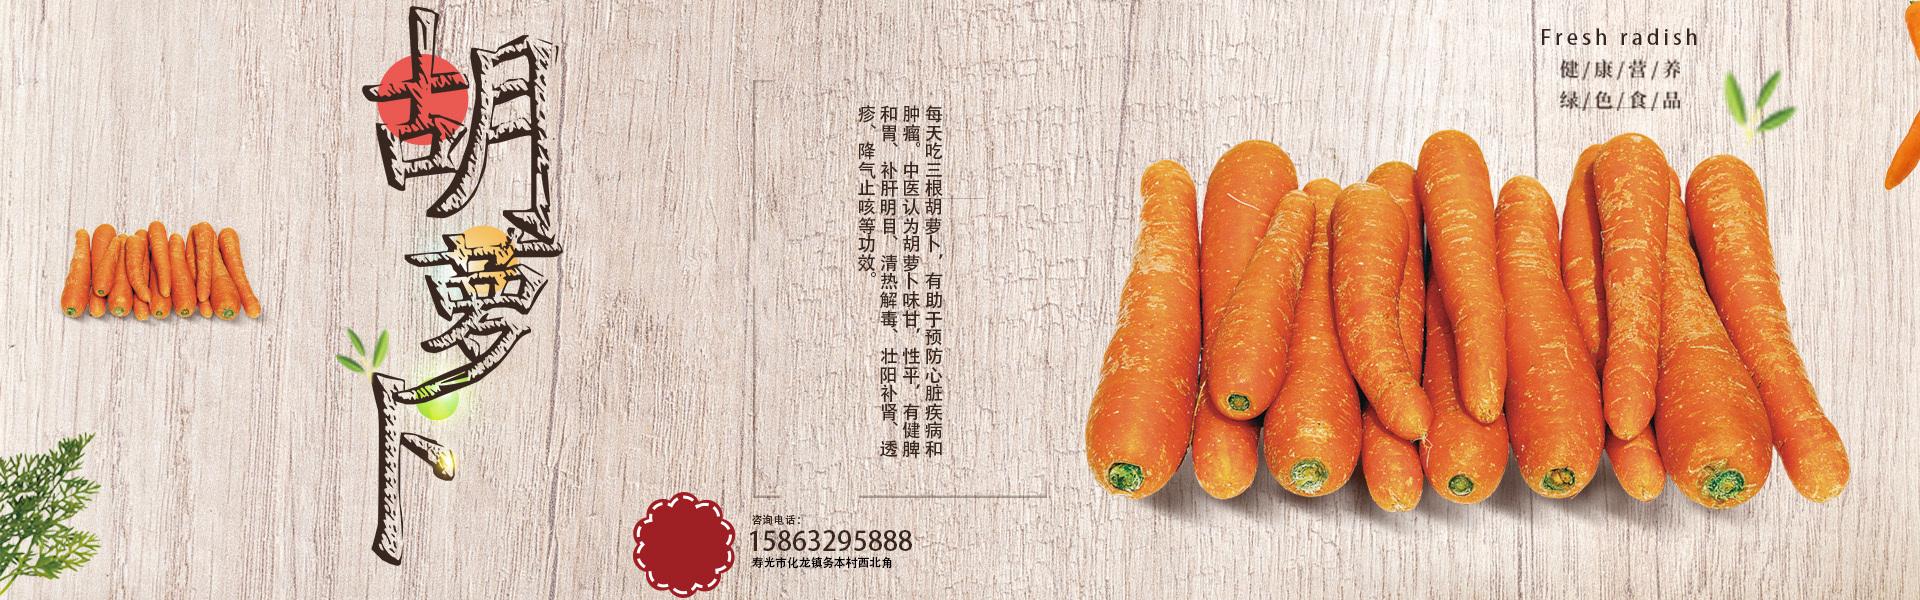 寿光市华森食品有限公司,主要从事蔬菜贸易出口:胡萝卜、土豆、茄子、西红柿等绿色蔬菜加工、出口、批发、销售业务